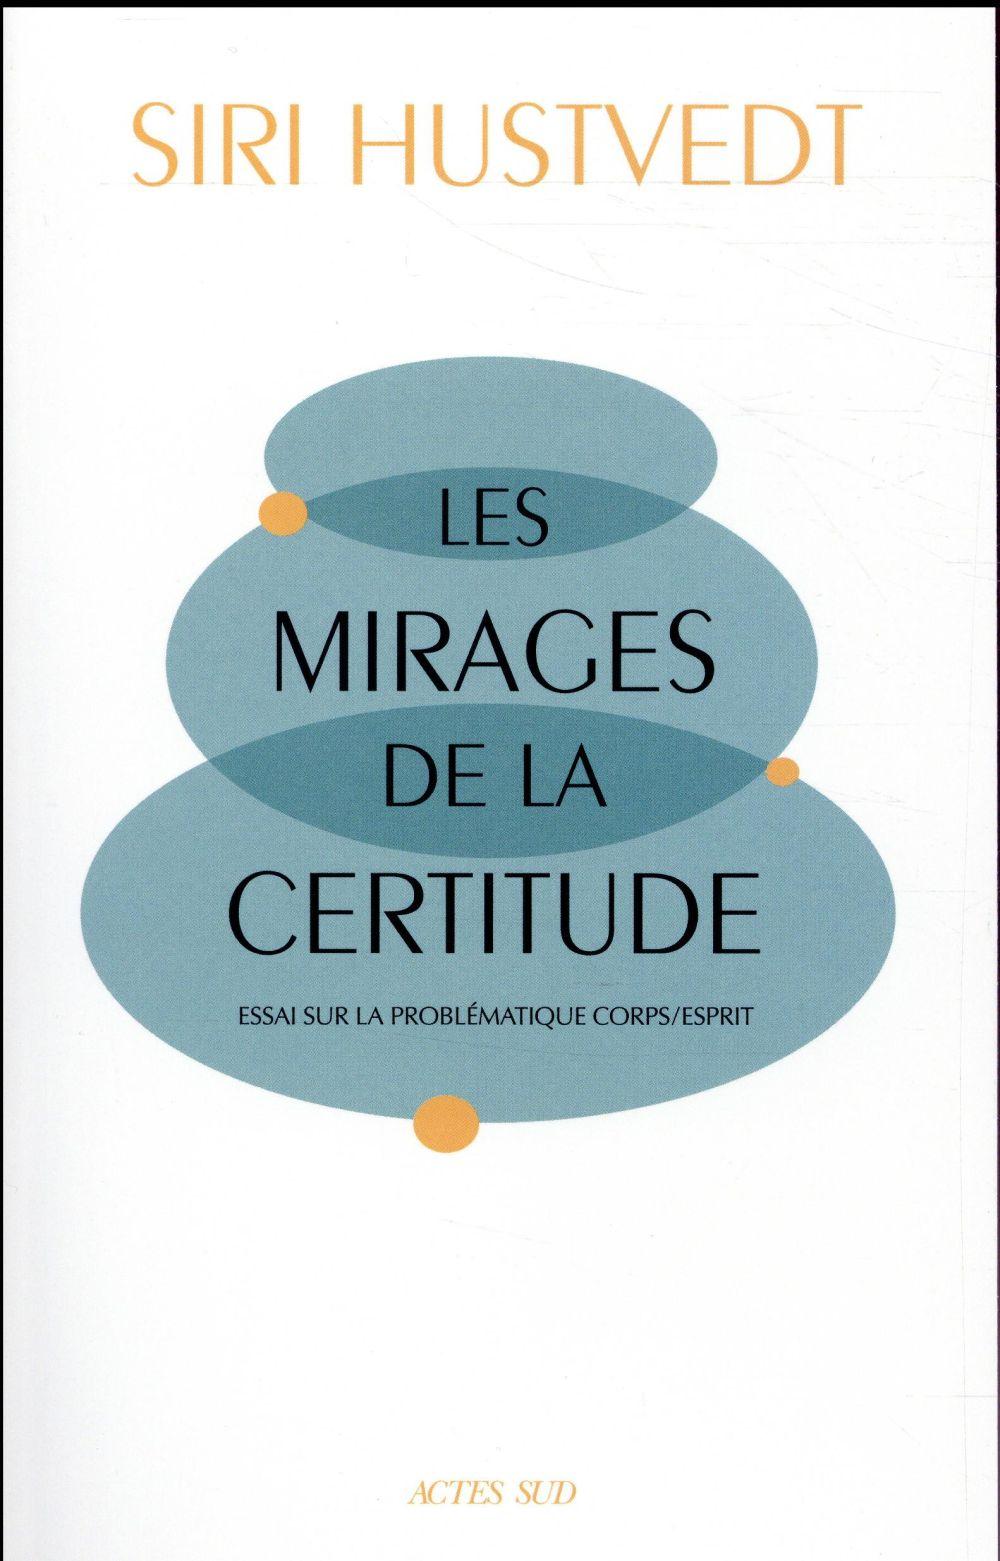 LES MIRAGES DE LA CERTITUDE - ESSAI SUR LA PROBLEMATIQUE CORPSESPRIT